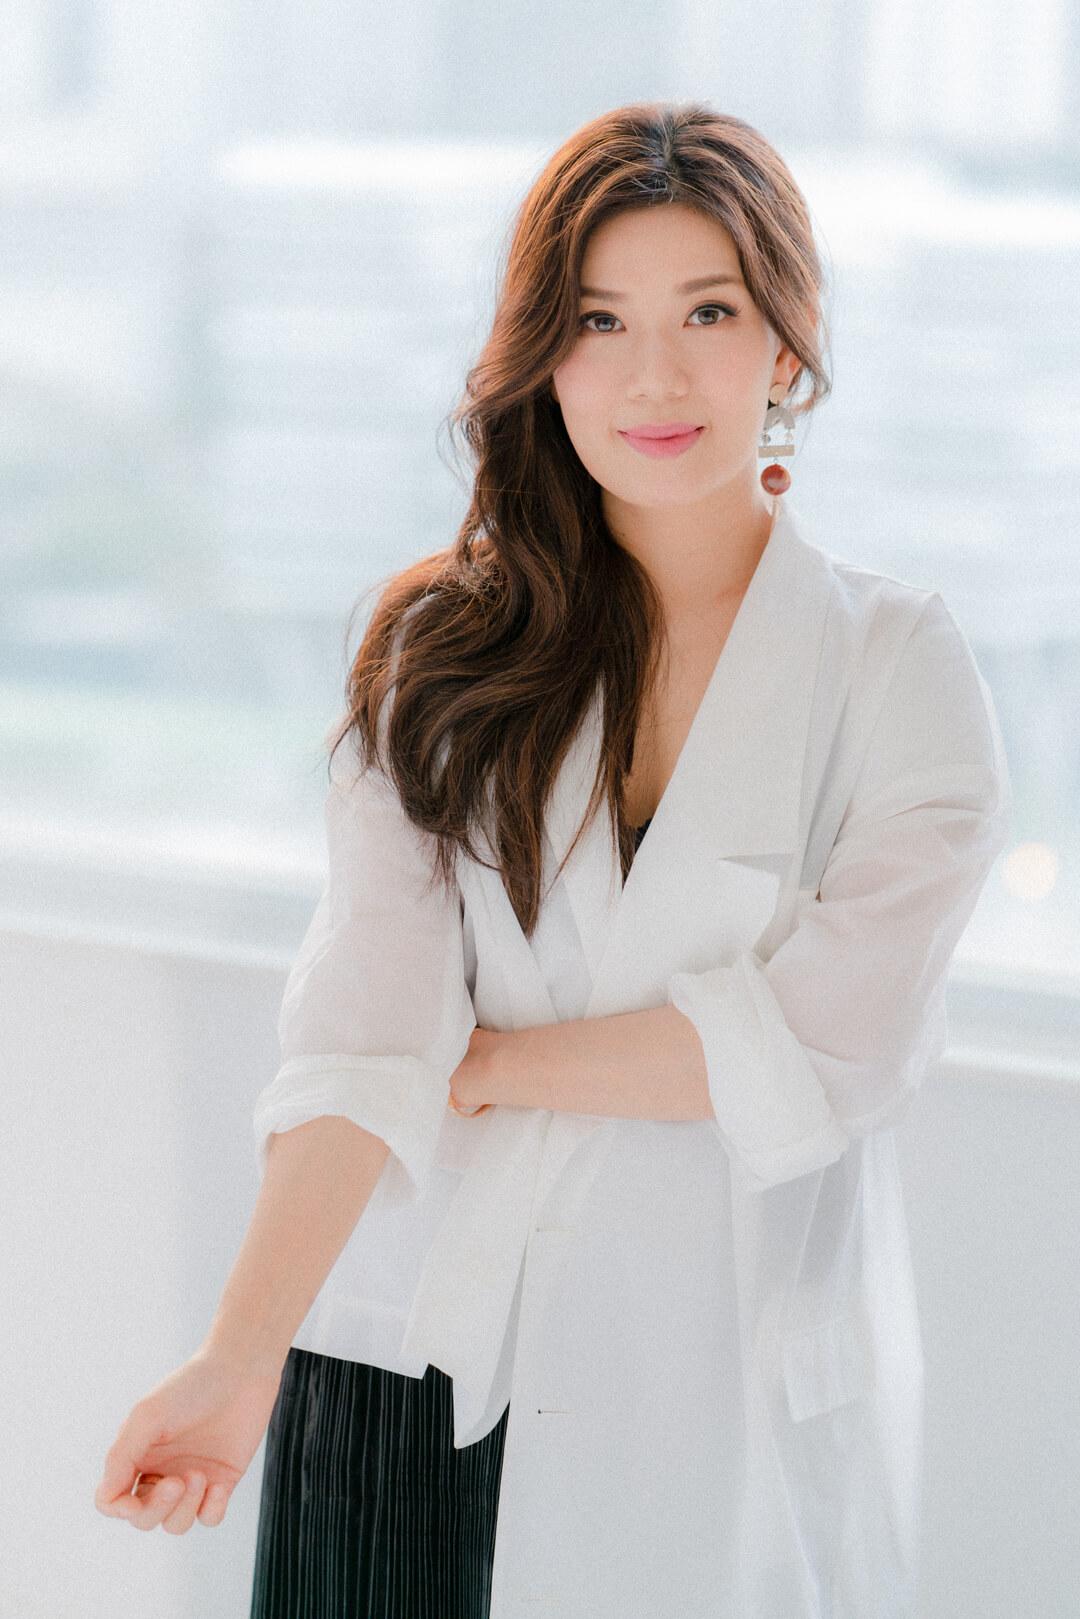 2021年2月25日 明周娛樂 靚媽圍爐關心妍孫慧雪張美妮分享湊仔經c